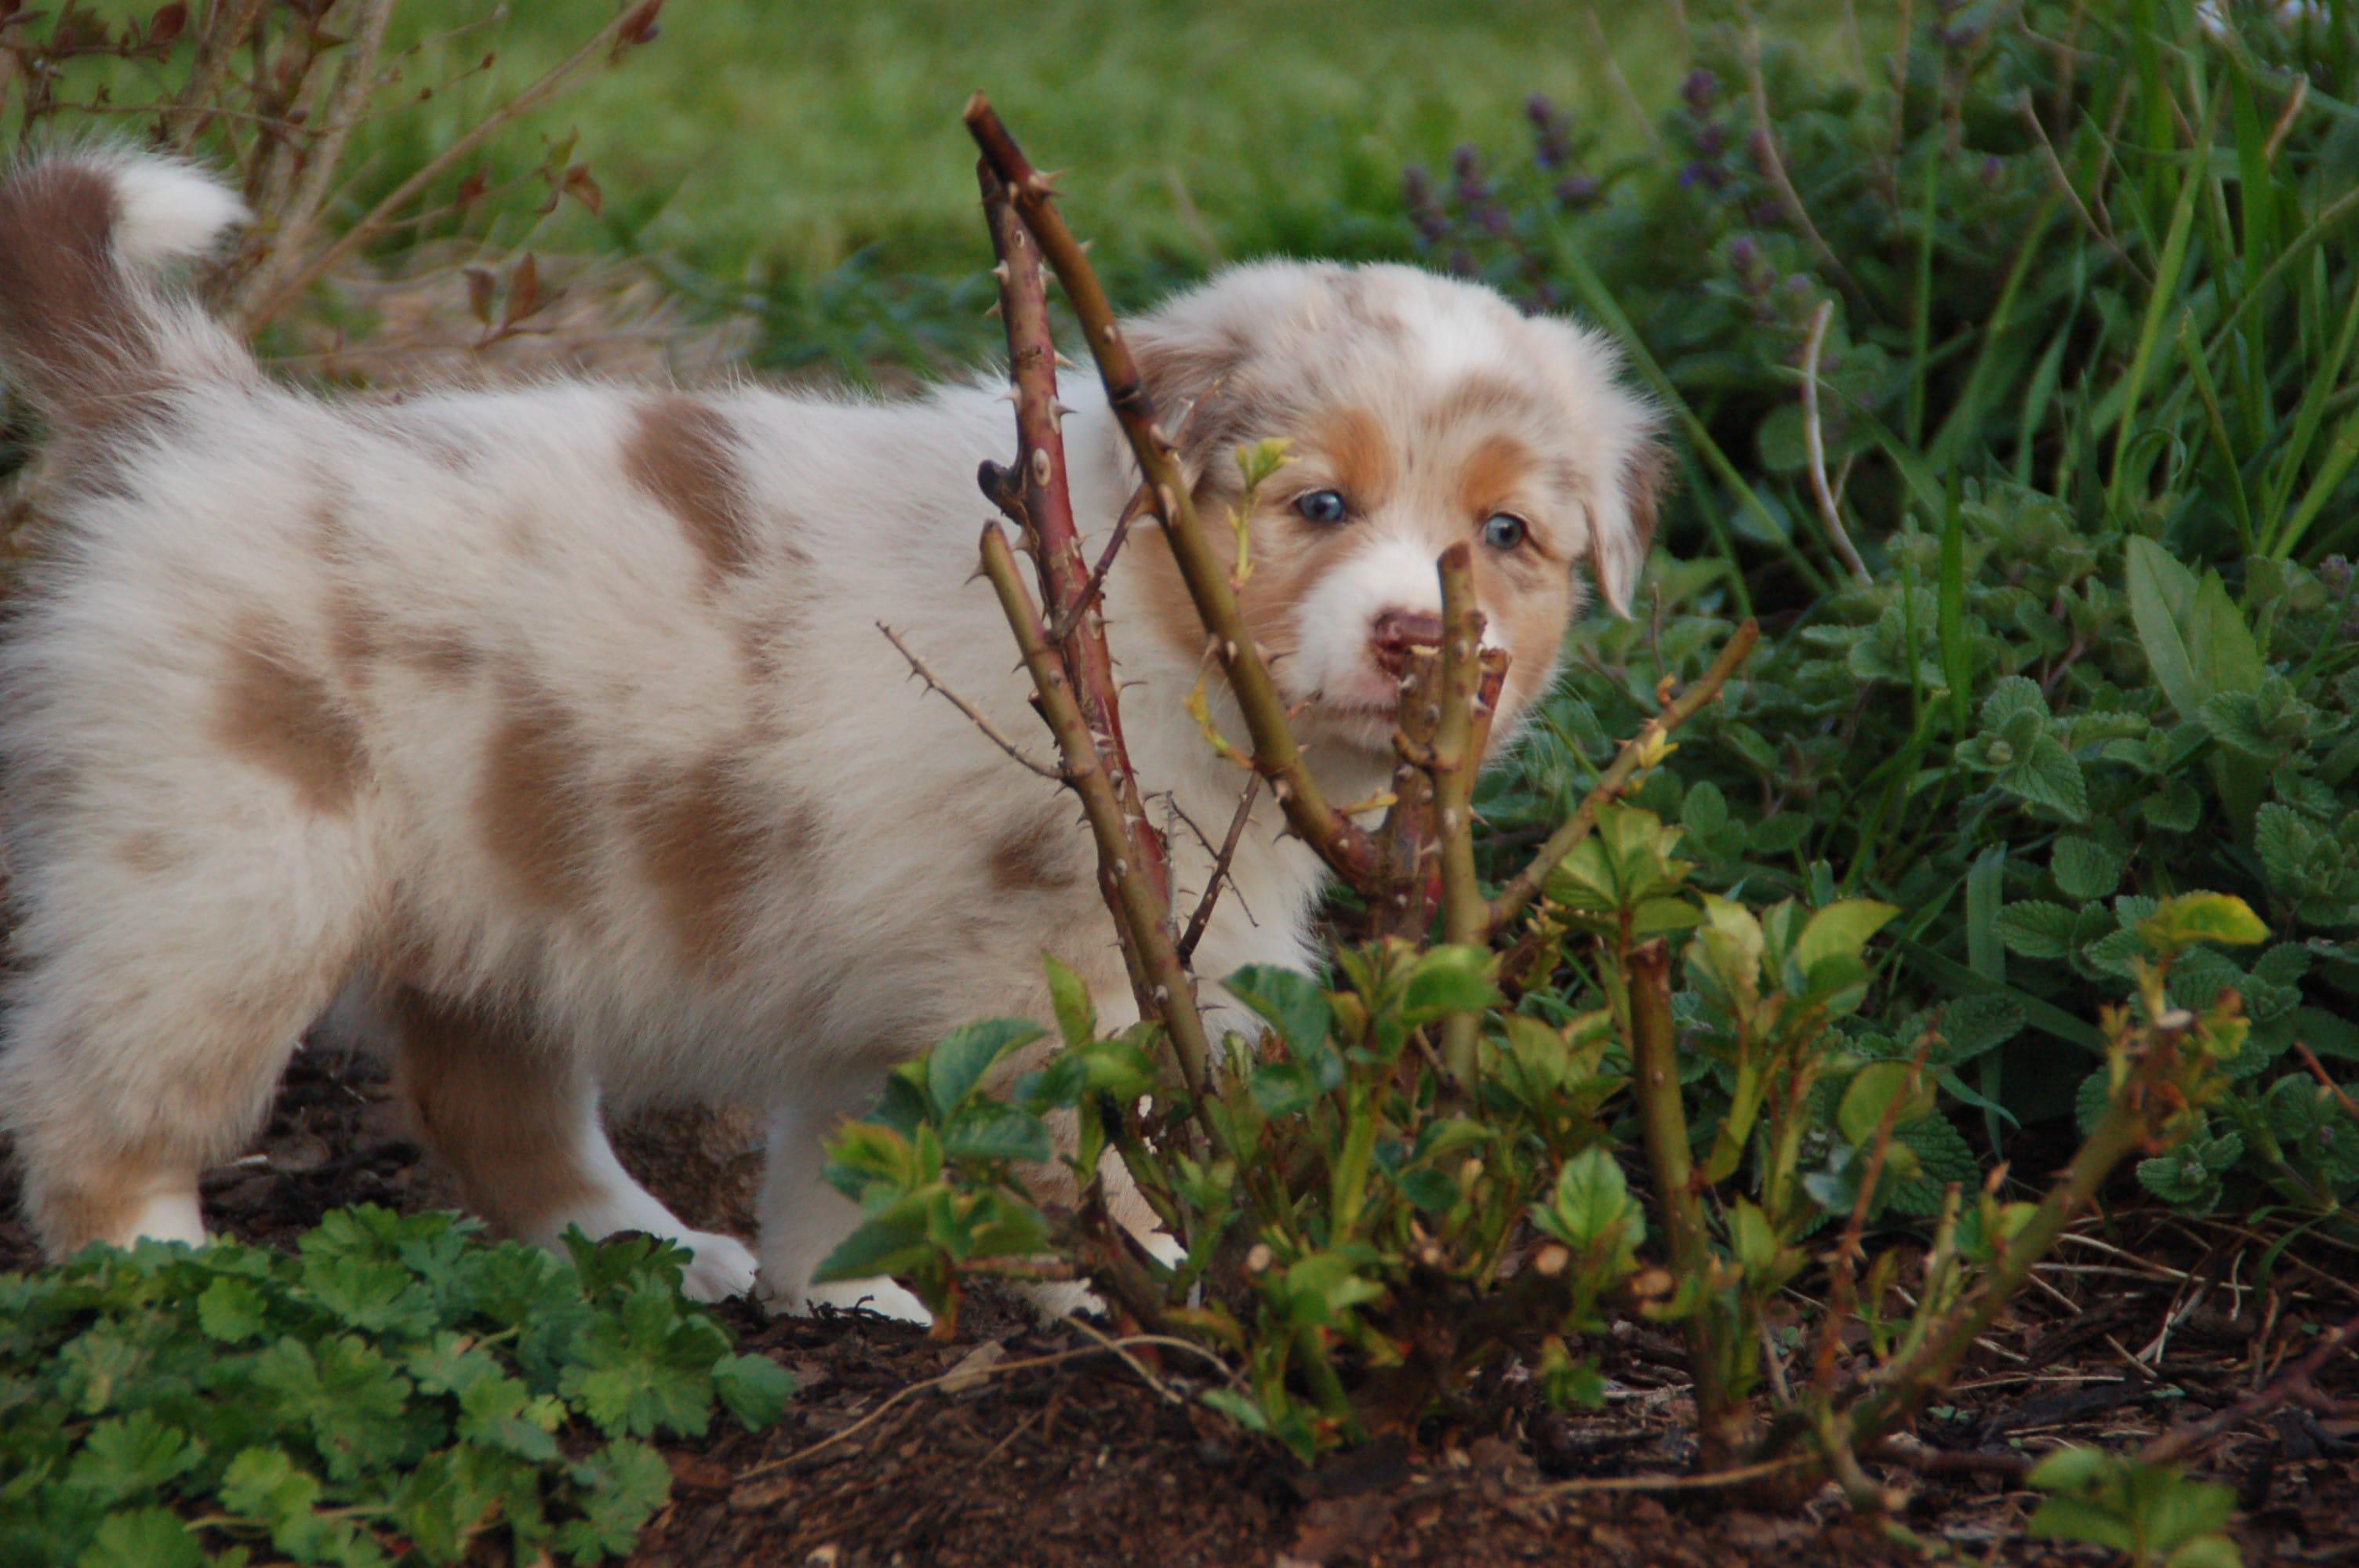 b7341acd840168 Meist ist es ein langer Weg vom Entschluss sich einen Hund anzuschaffen bis  zum Einzug des Welpen: Man muss sich über die eigenen Lebensumstände klar  werden ...